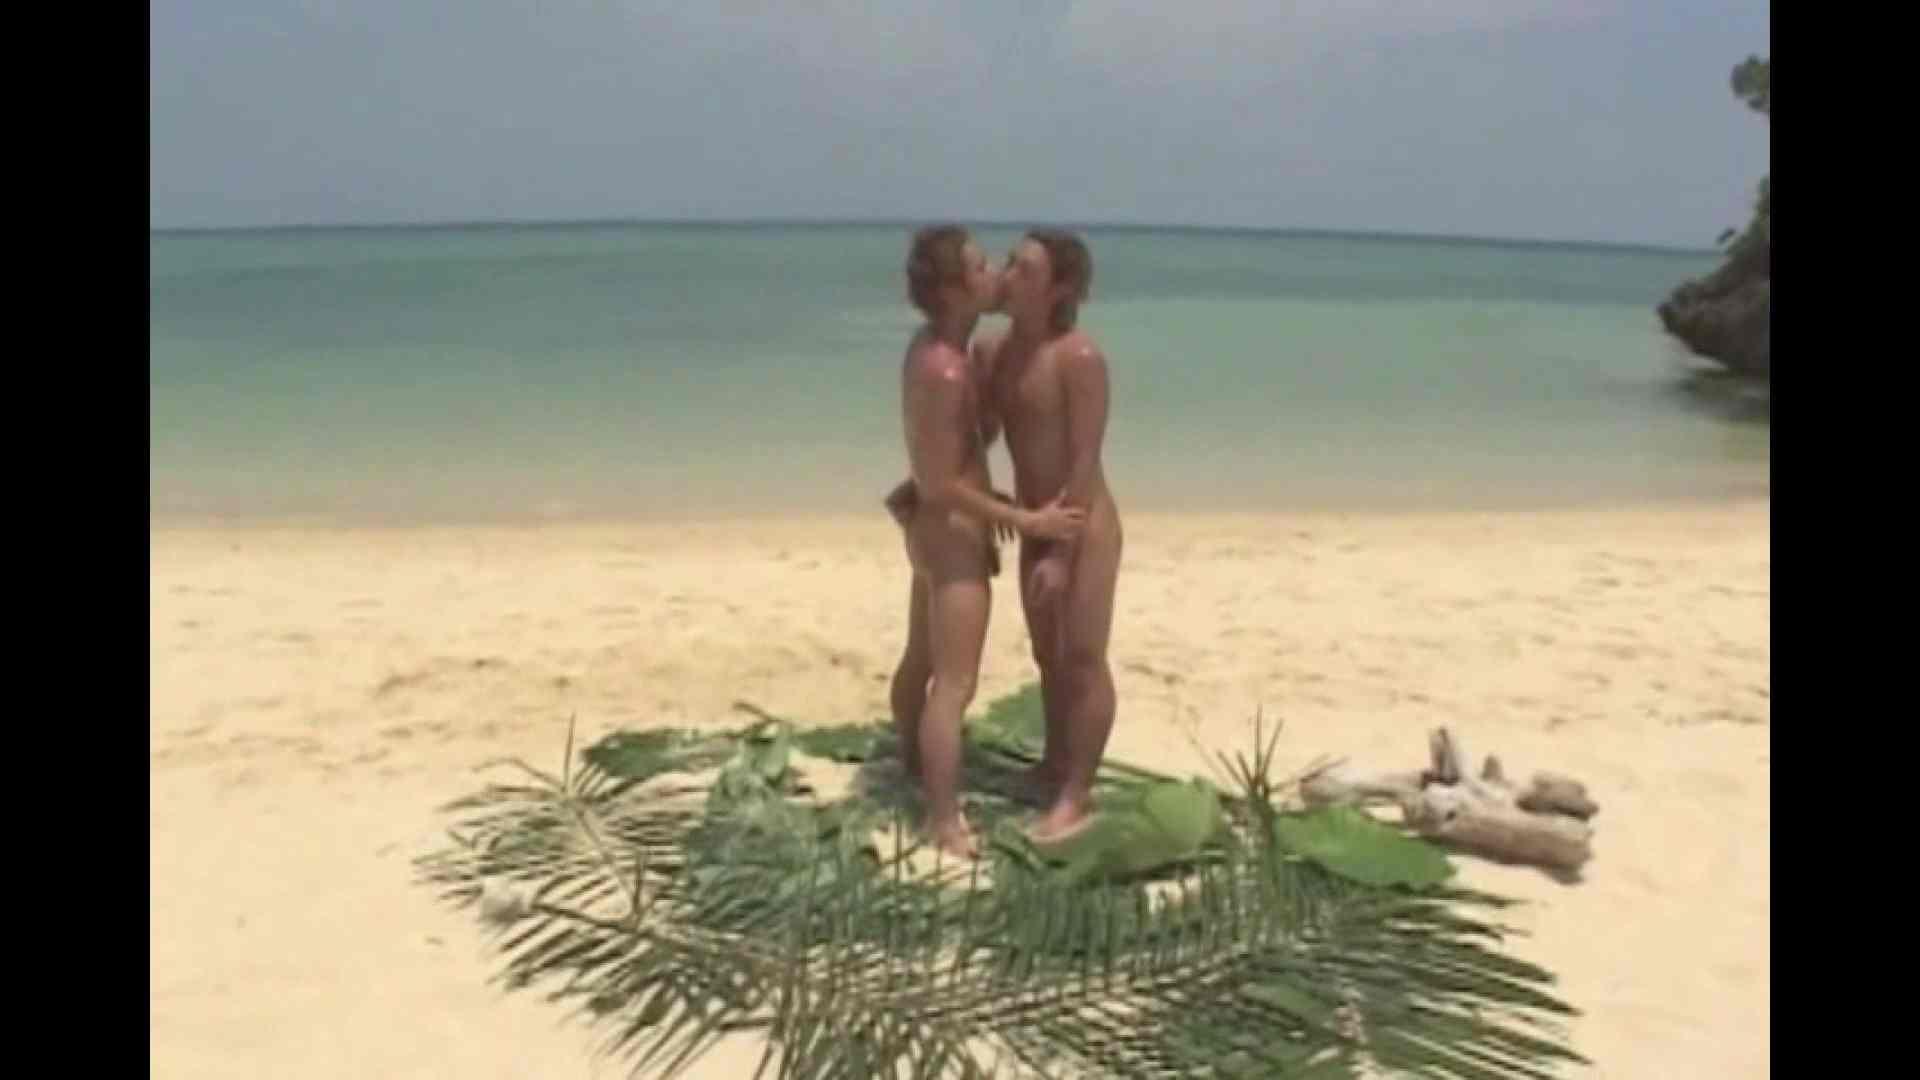 ノンケイケメンの欲望と肉棒 Vol.1 イケメンのsex | セックス  107pic 16